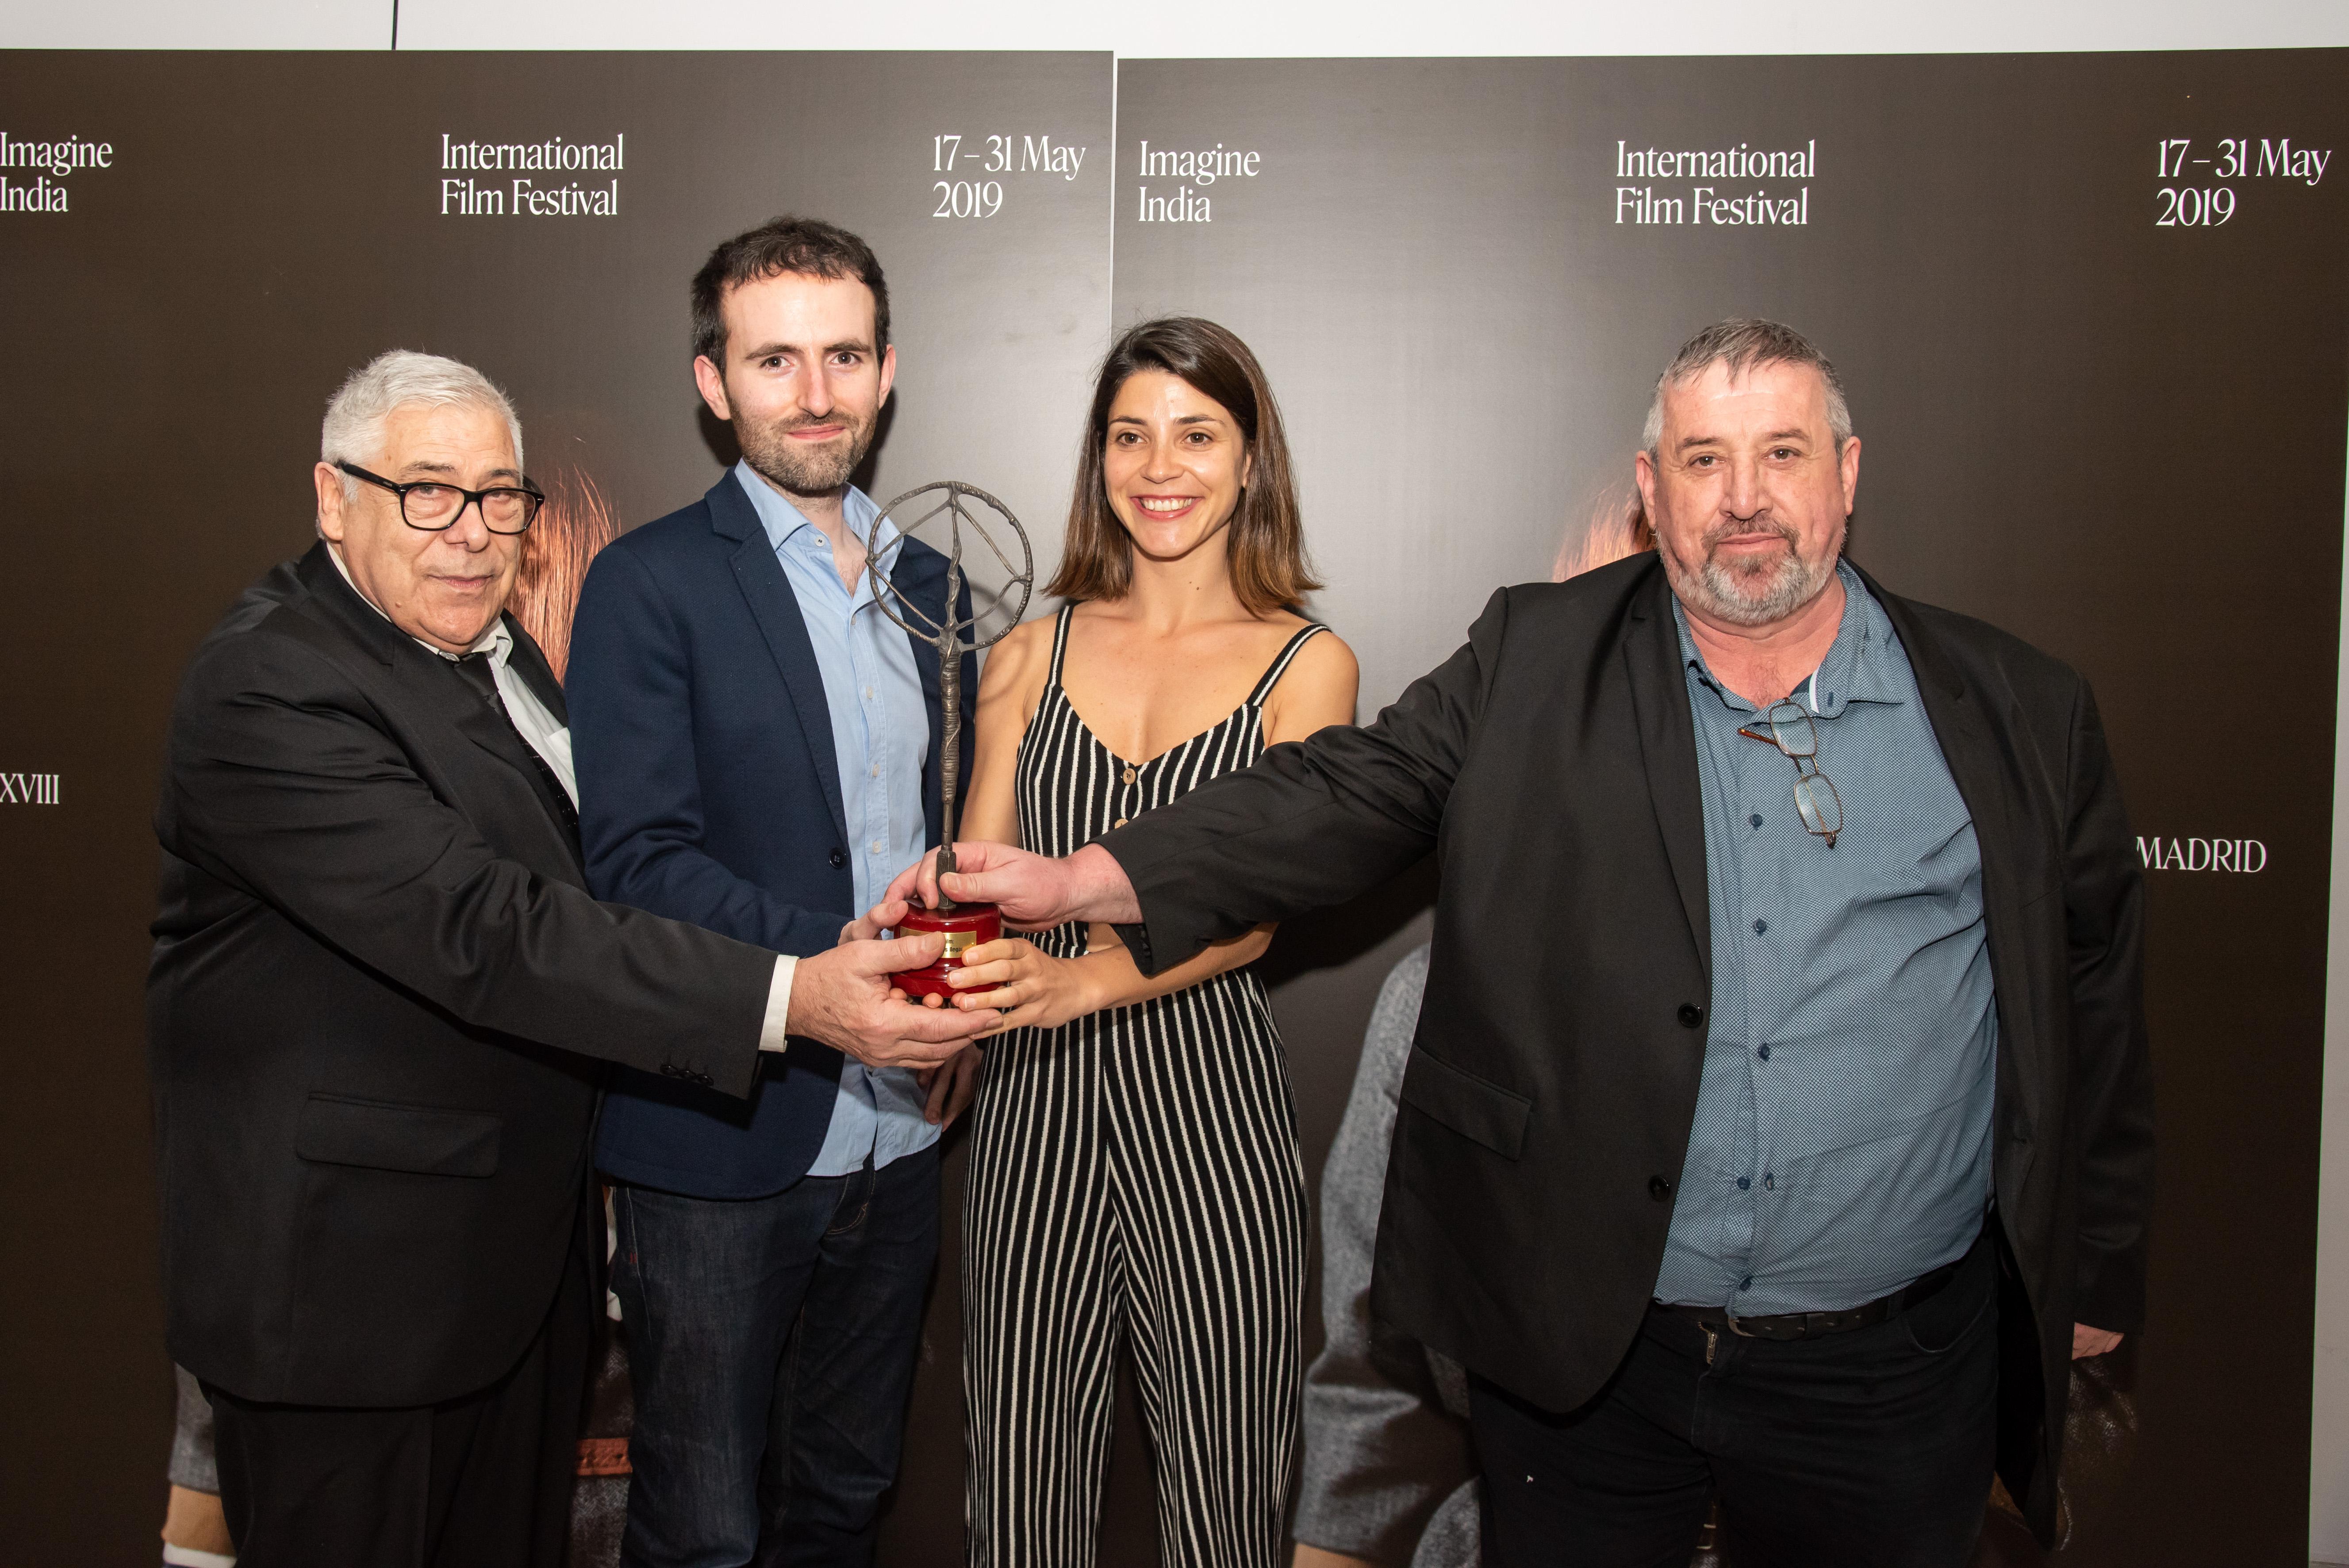 'Donde no puedes llegar' Gala de clausura de la 18ª edición de Imagineindia International Film Festival (España).